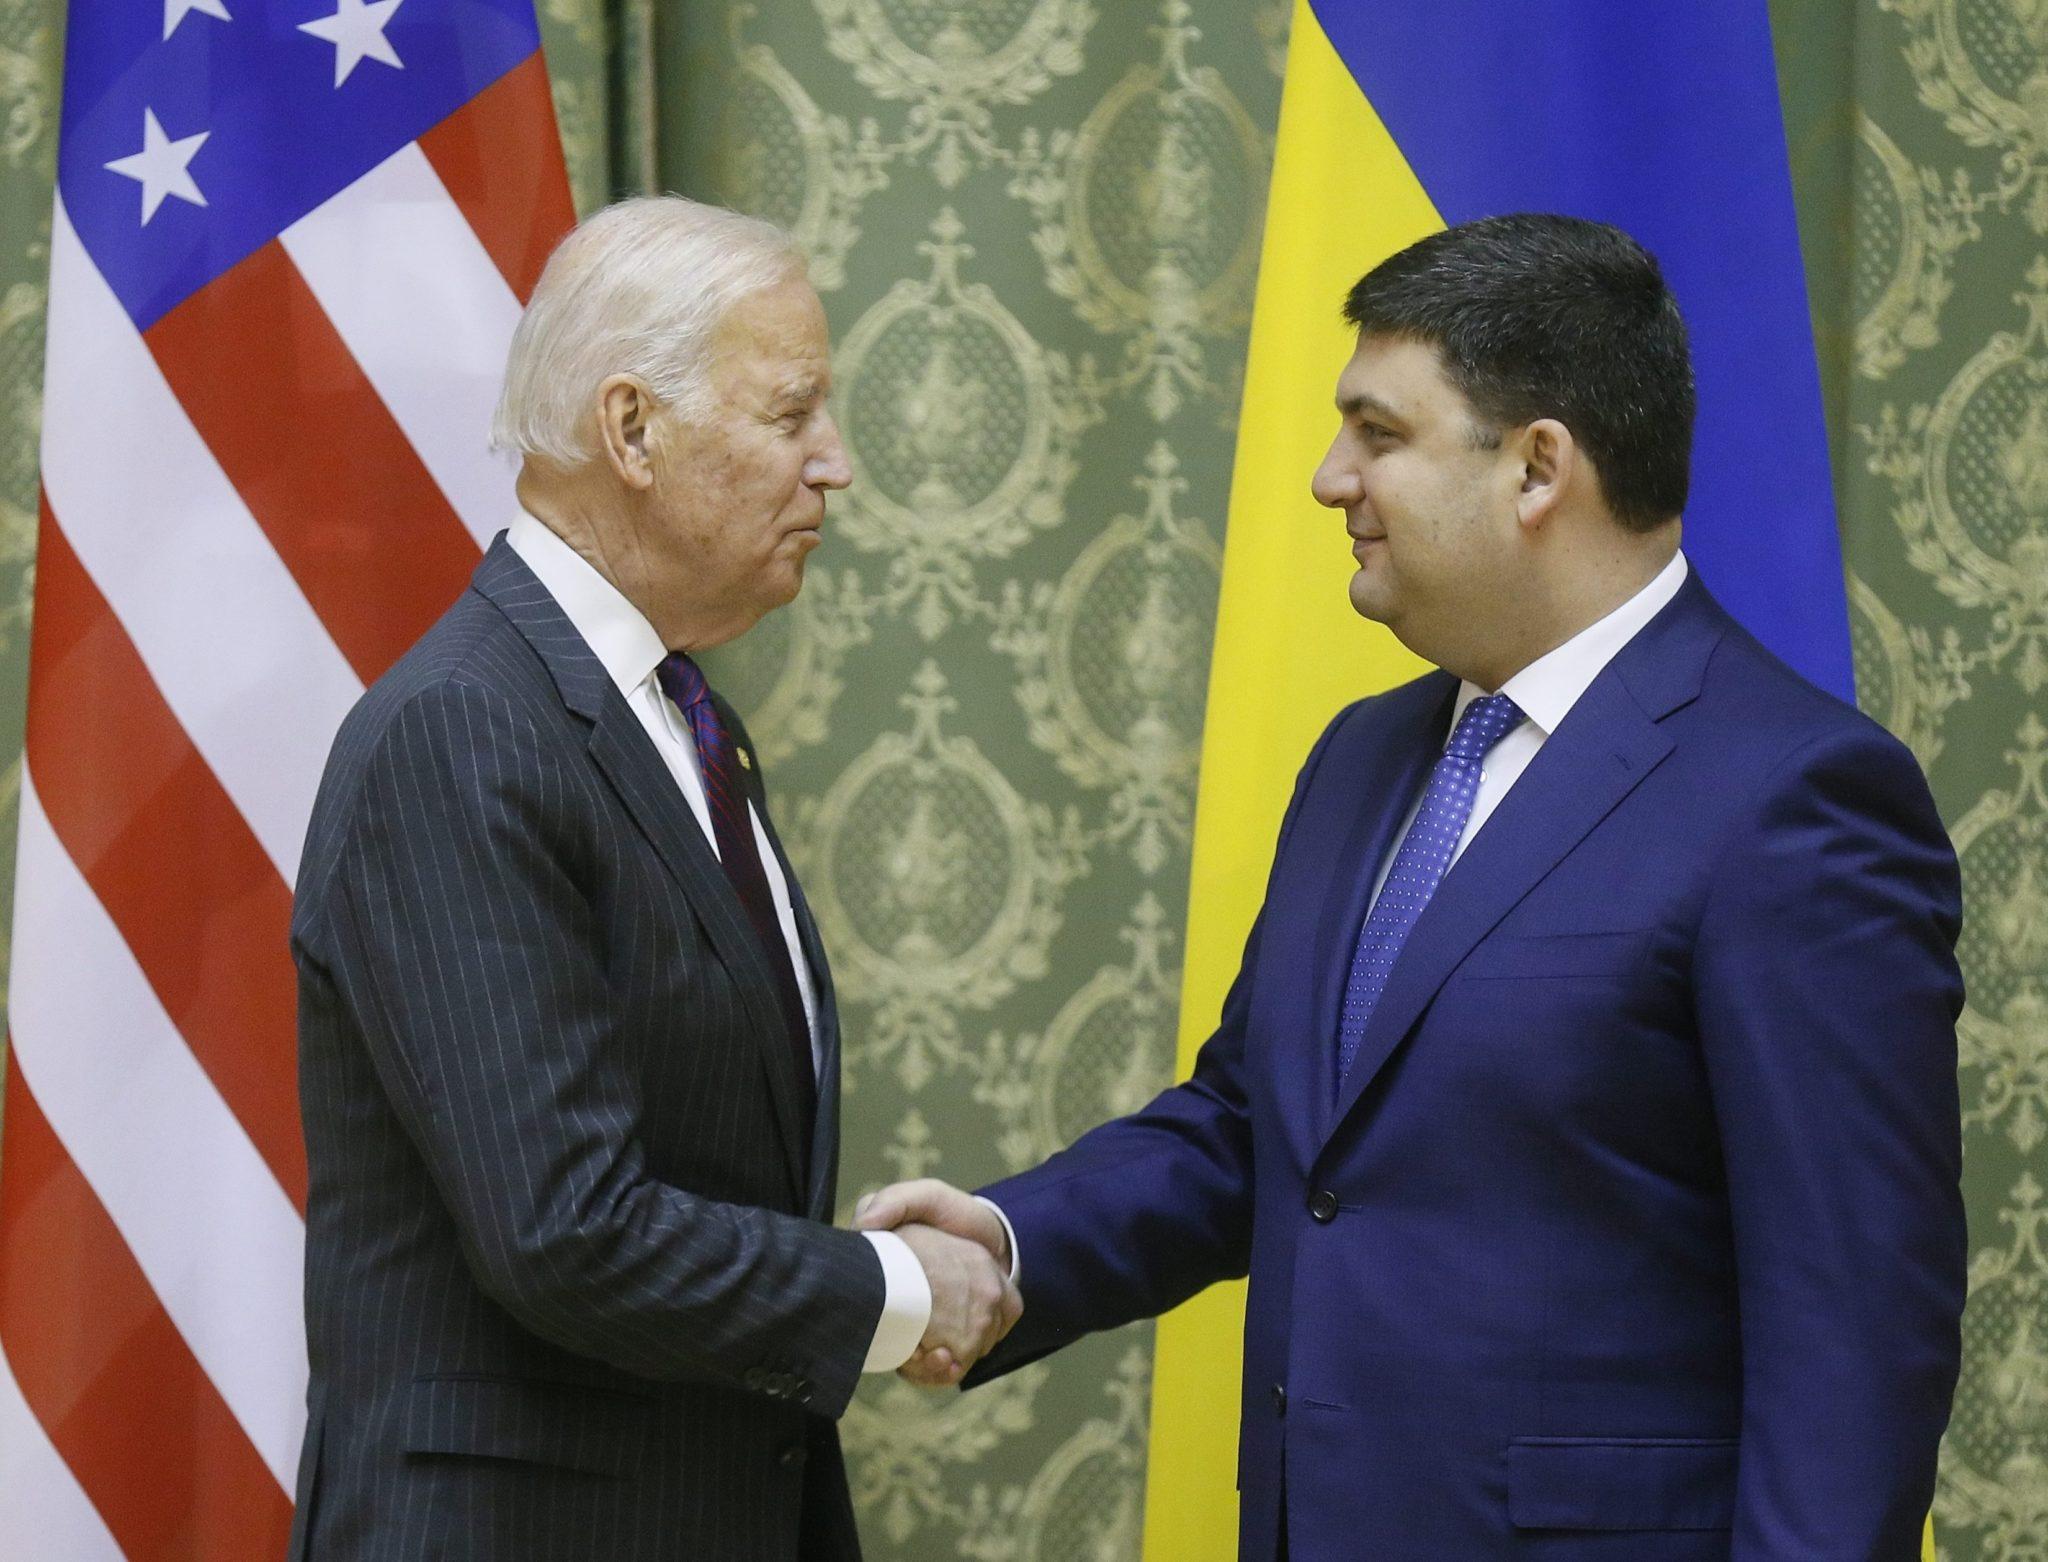 Ukraina: wizyta wiceprezydenta USA Joe Bidena w Kijowie (foto. PAP/EPA/SERGEY DOLZHENKO)